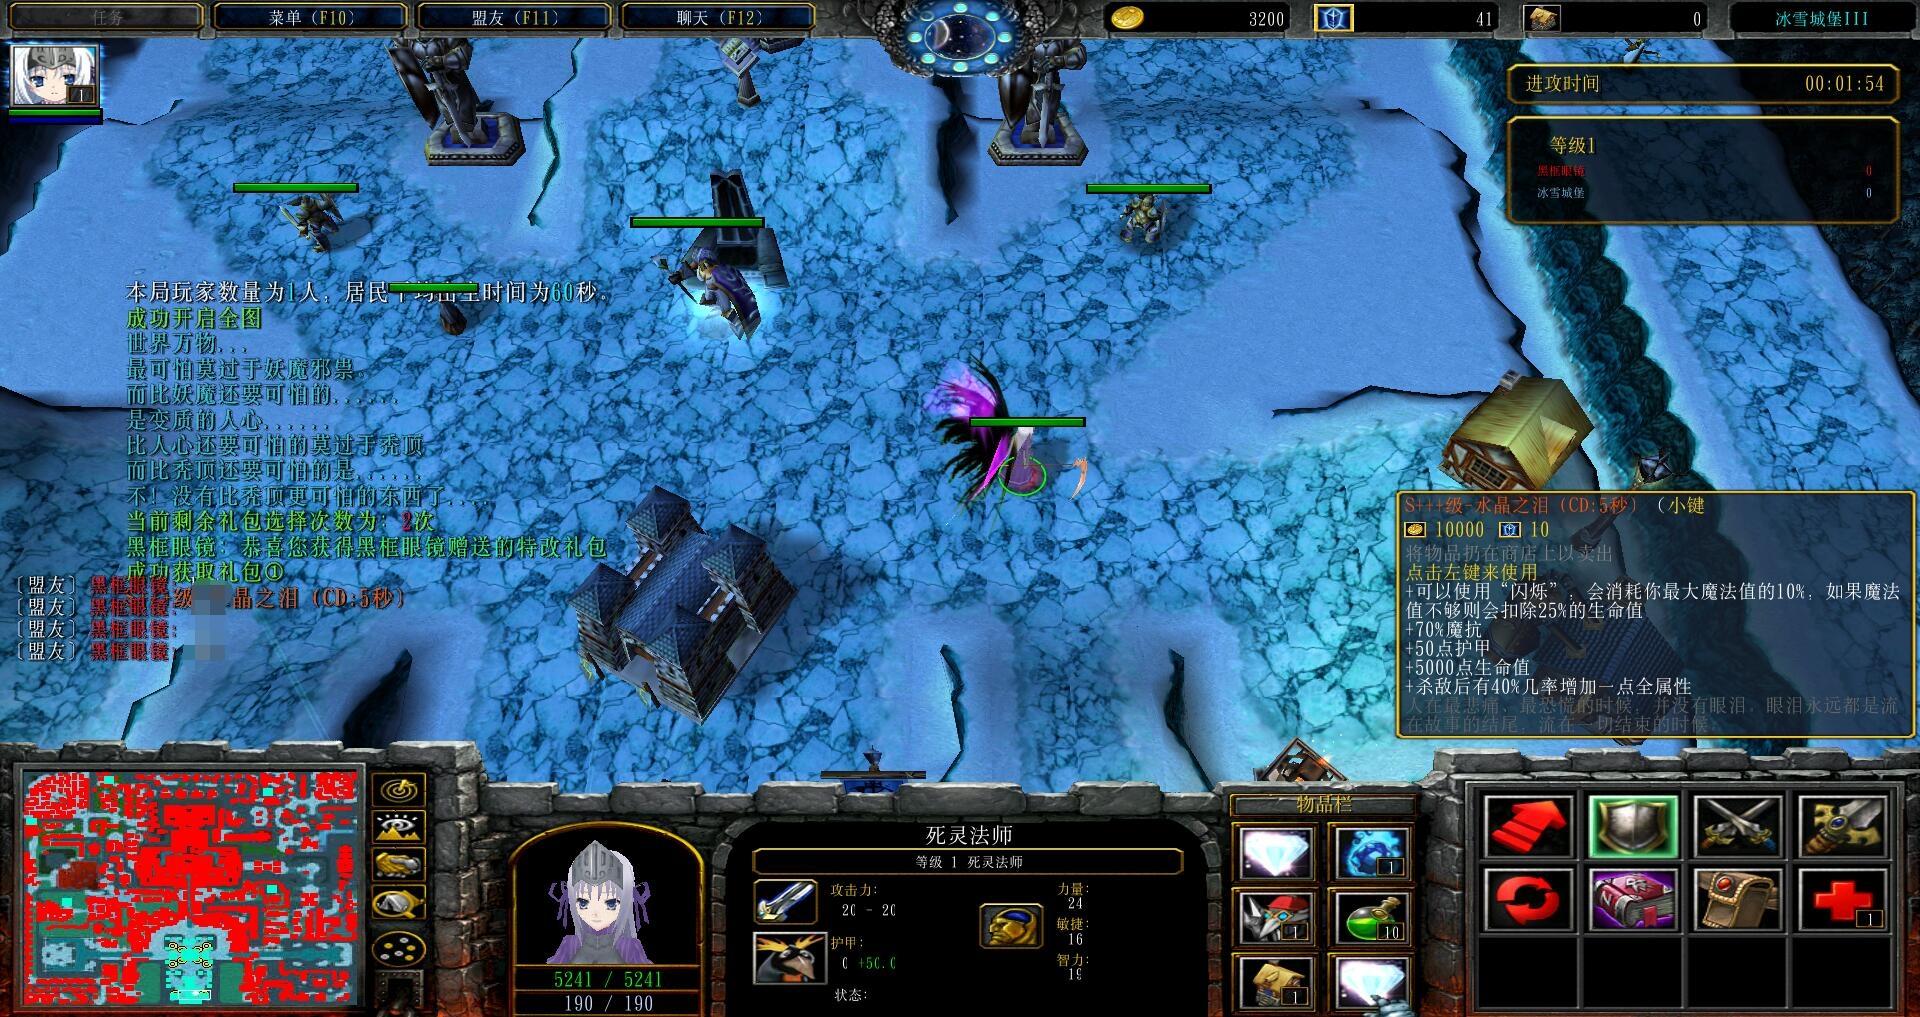 冰雪城堡III1.7.7黑式破解